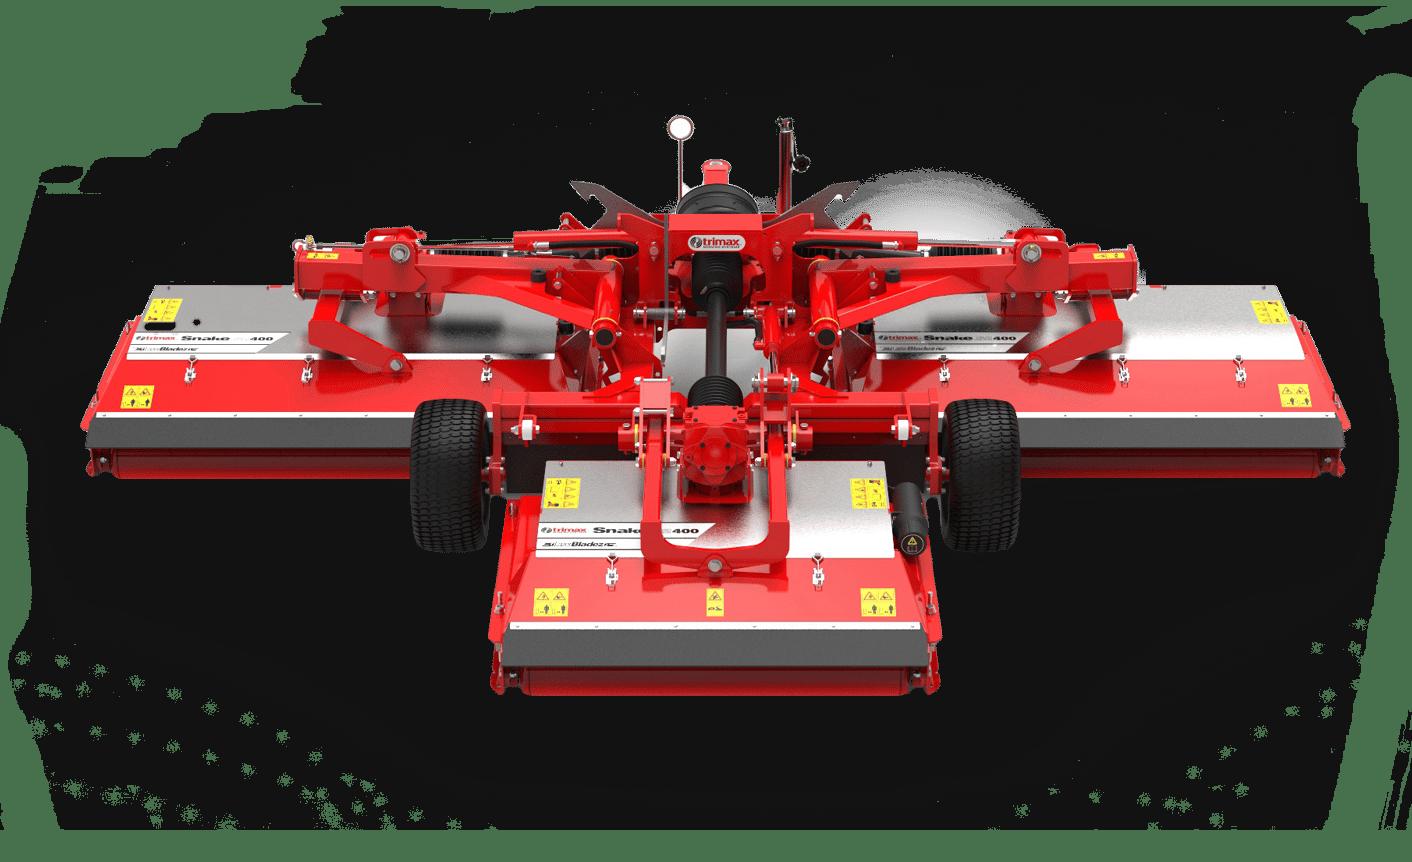 Snake S2 mower red